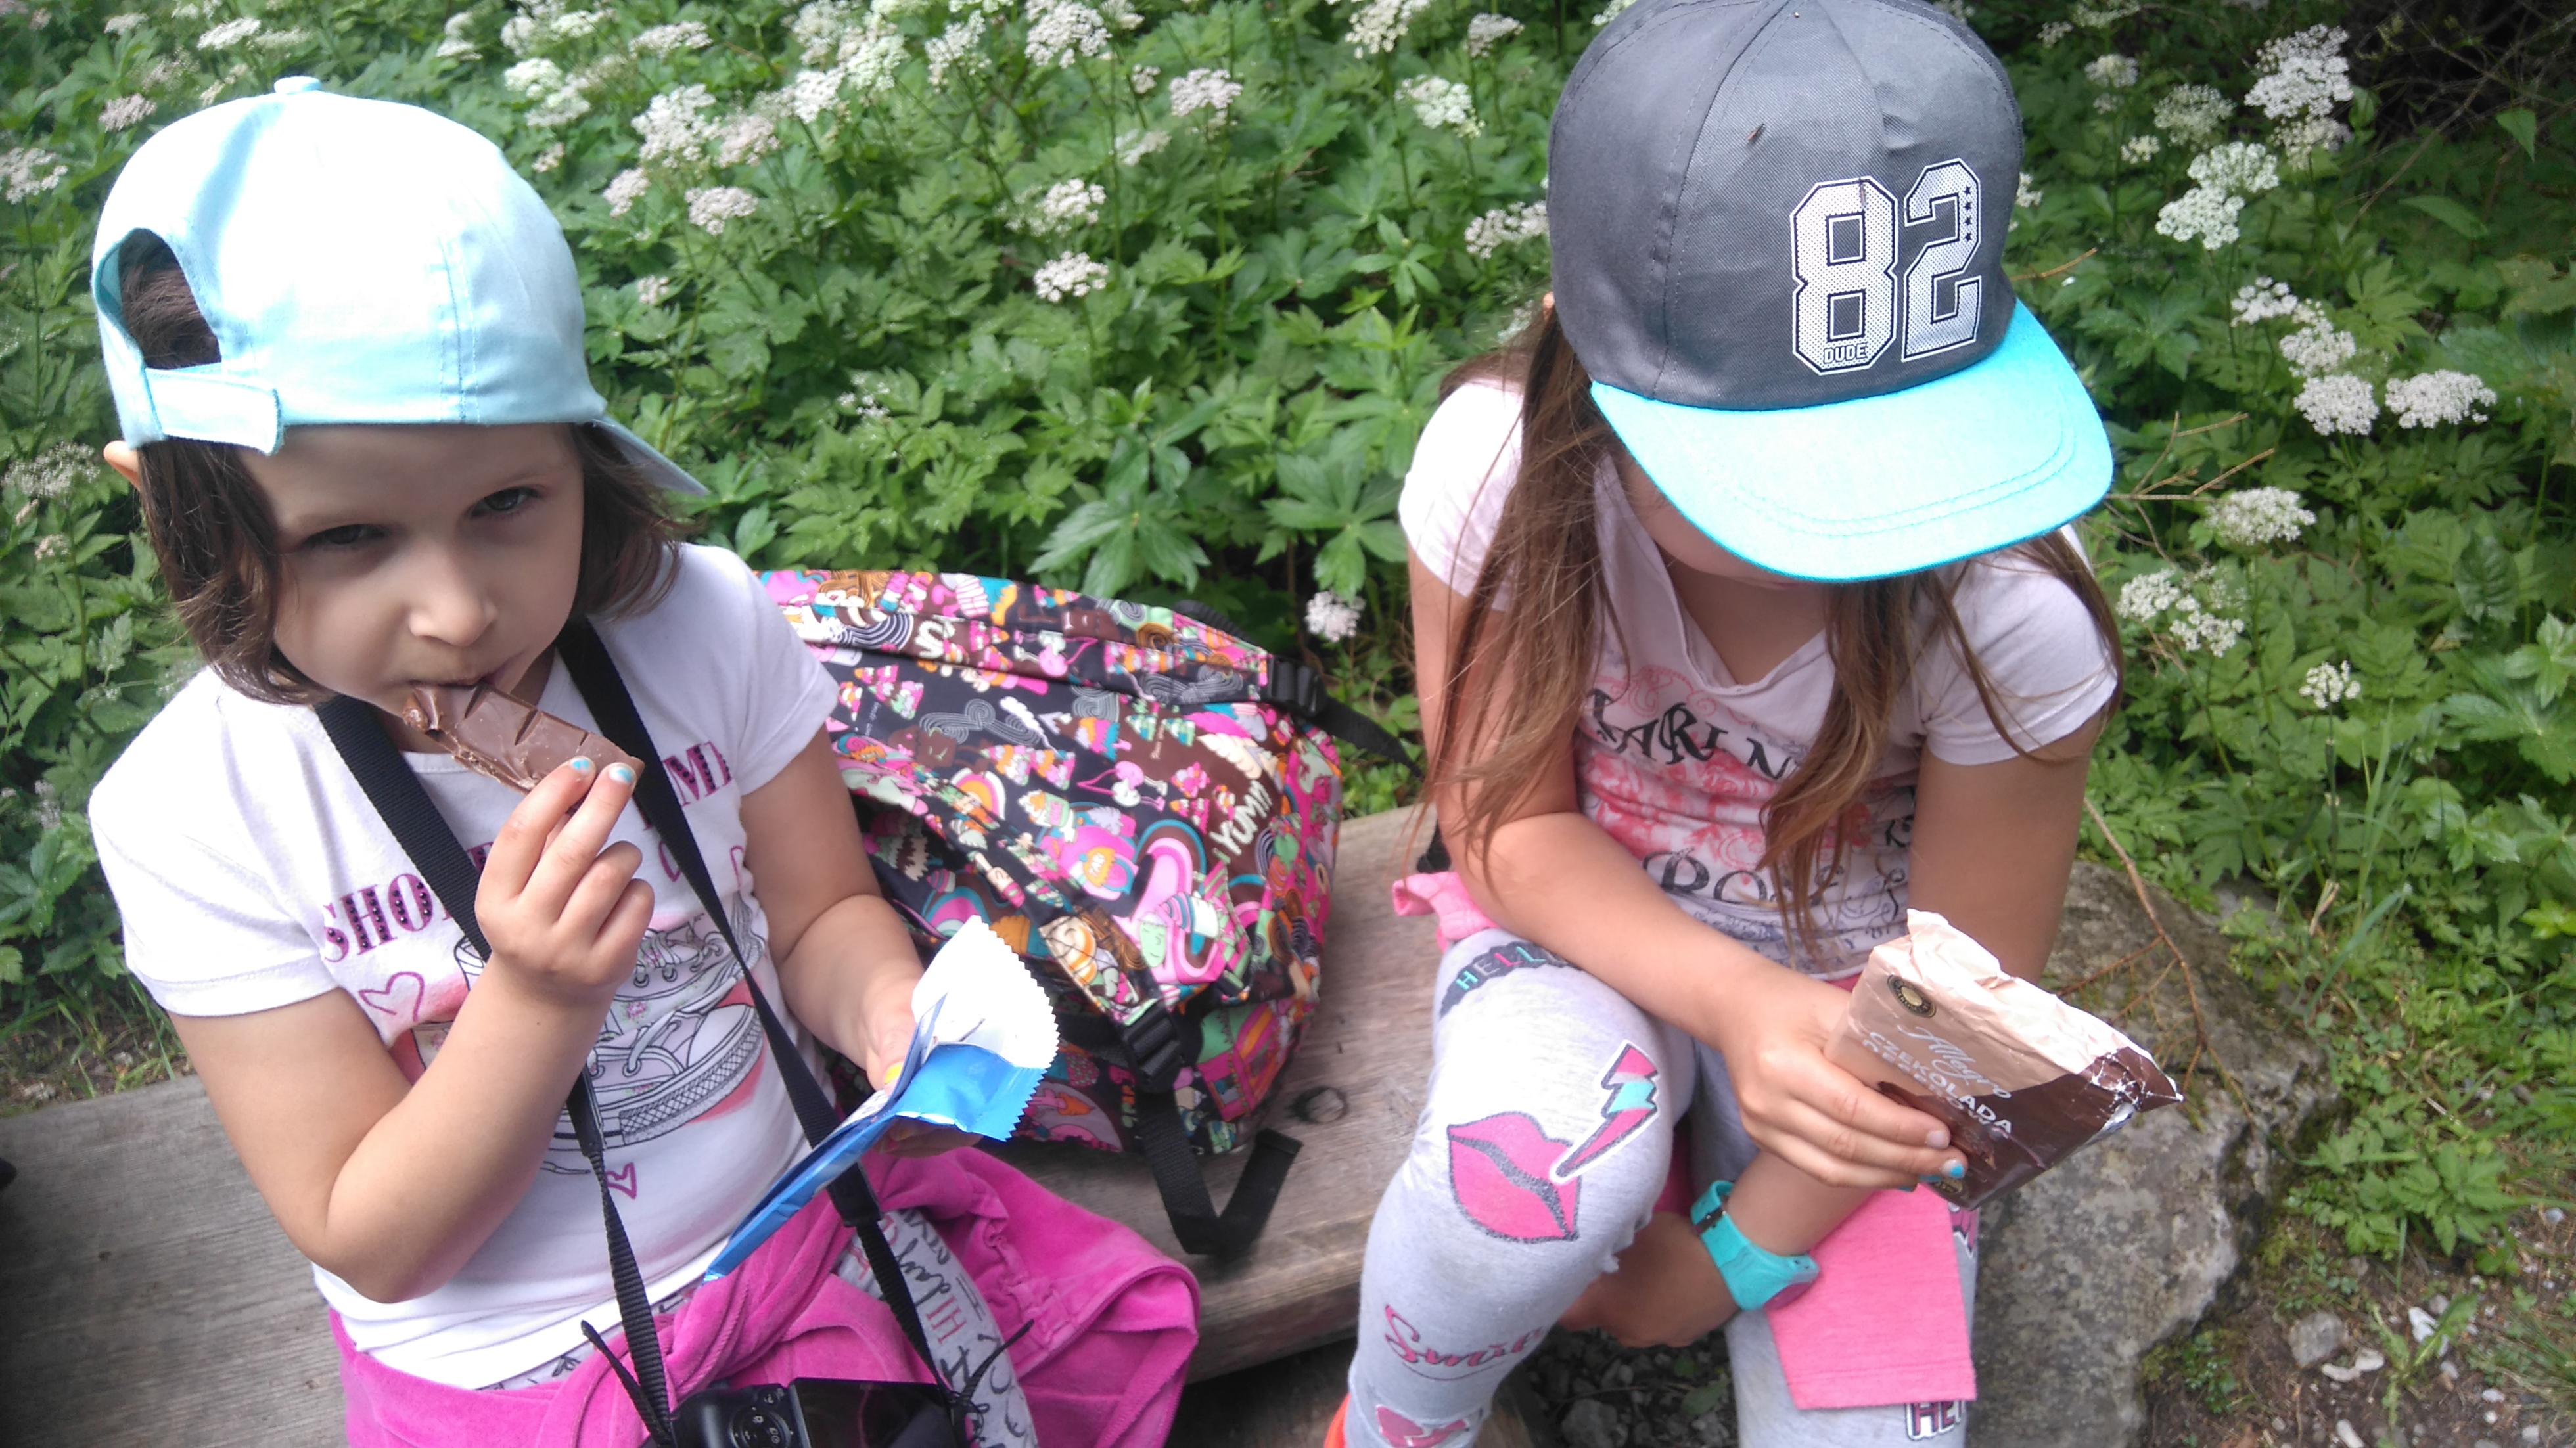 Dzieci regenerują się na szlaku przy pomocy tabliczki czekolady